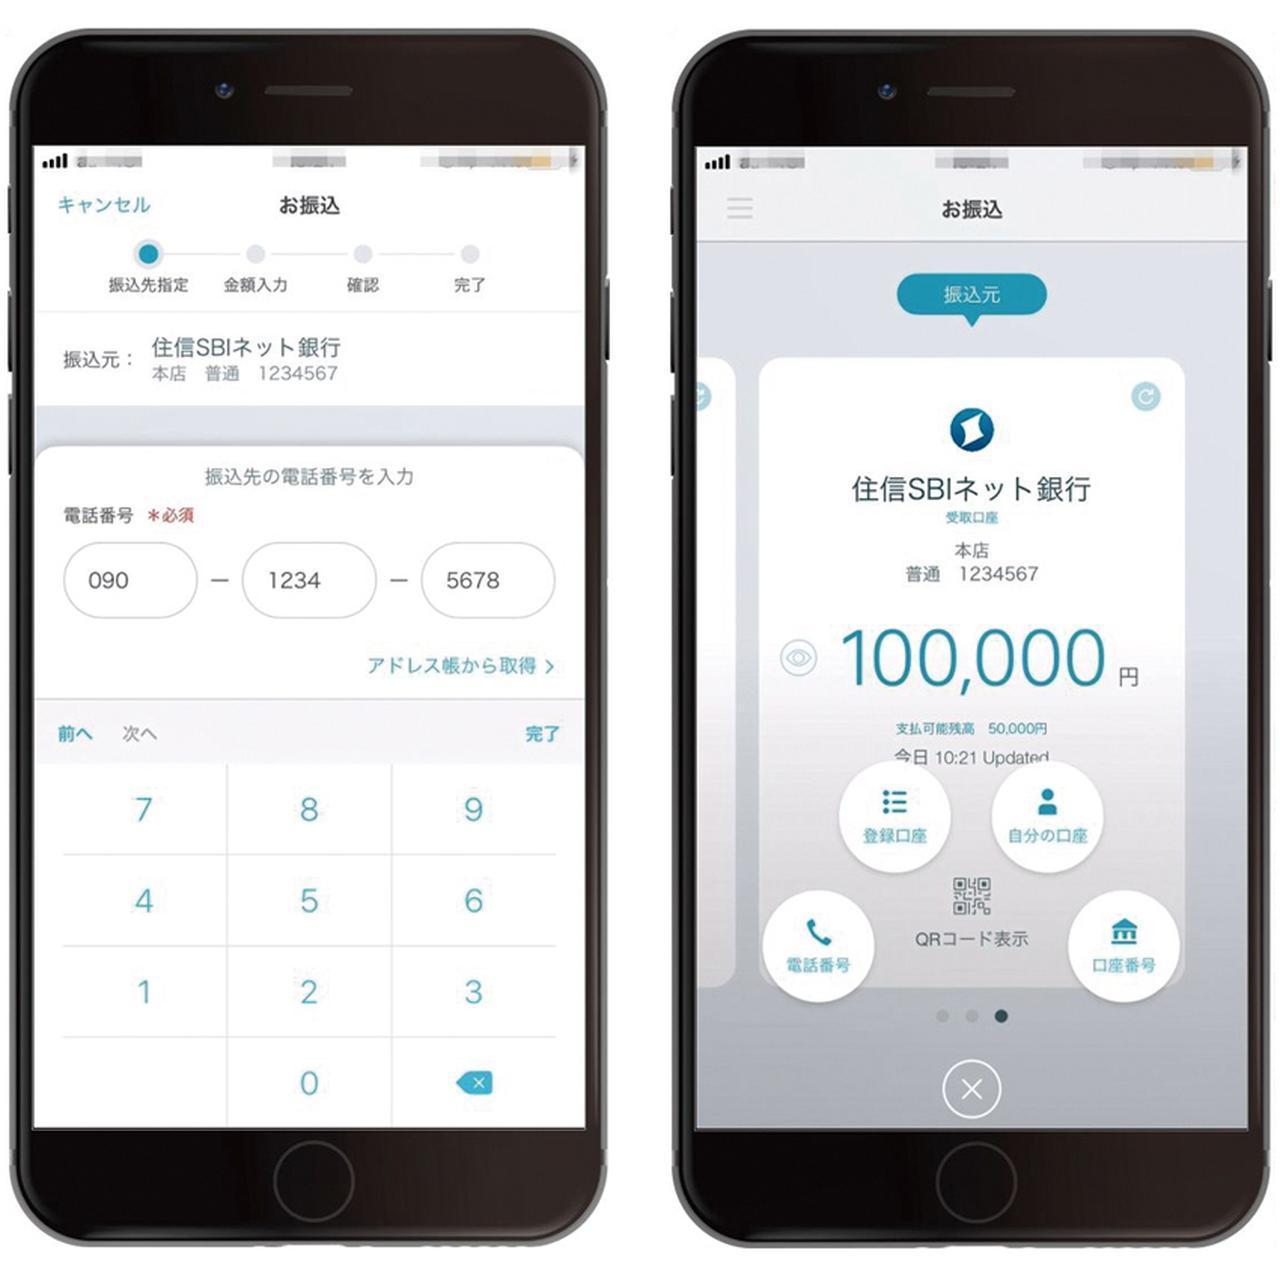 画像: 「Money Tap」では、相手先の電話番号でも送金が可能。現行の振込手数料と比べ、ユーザーコストも大幅に軽減される見込み。